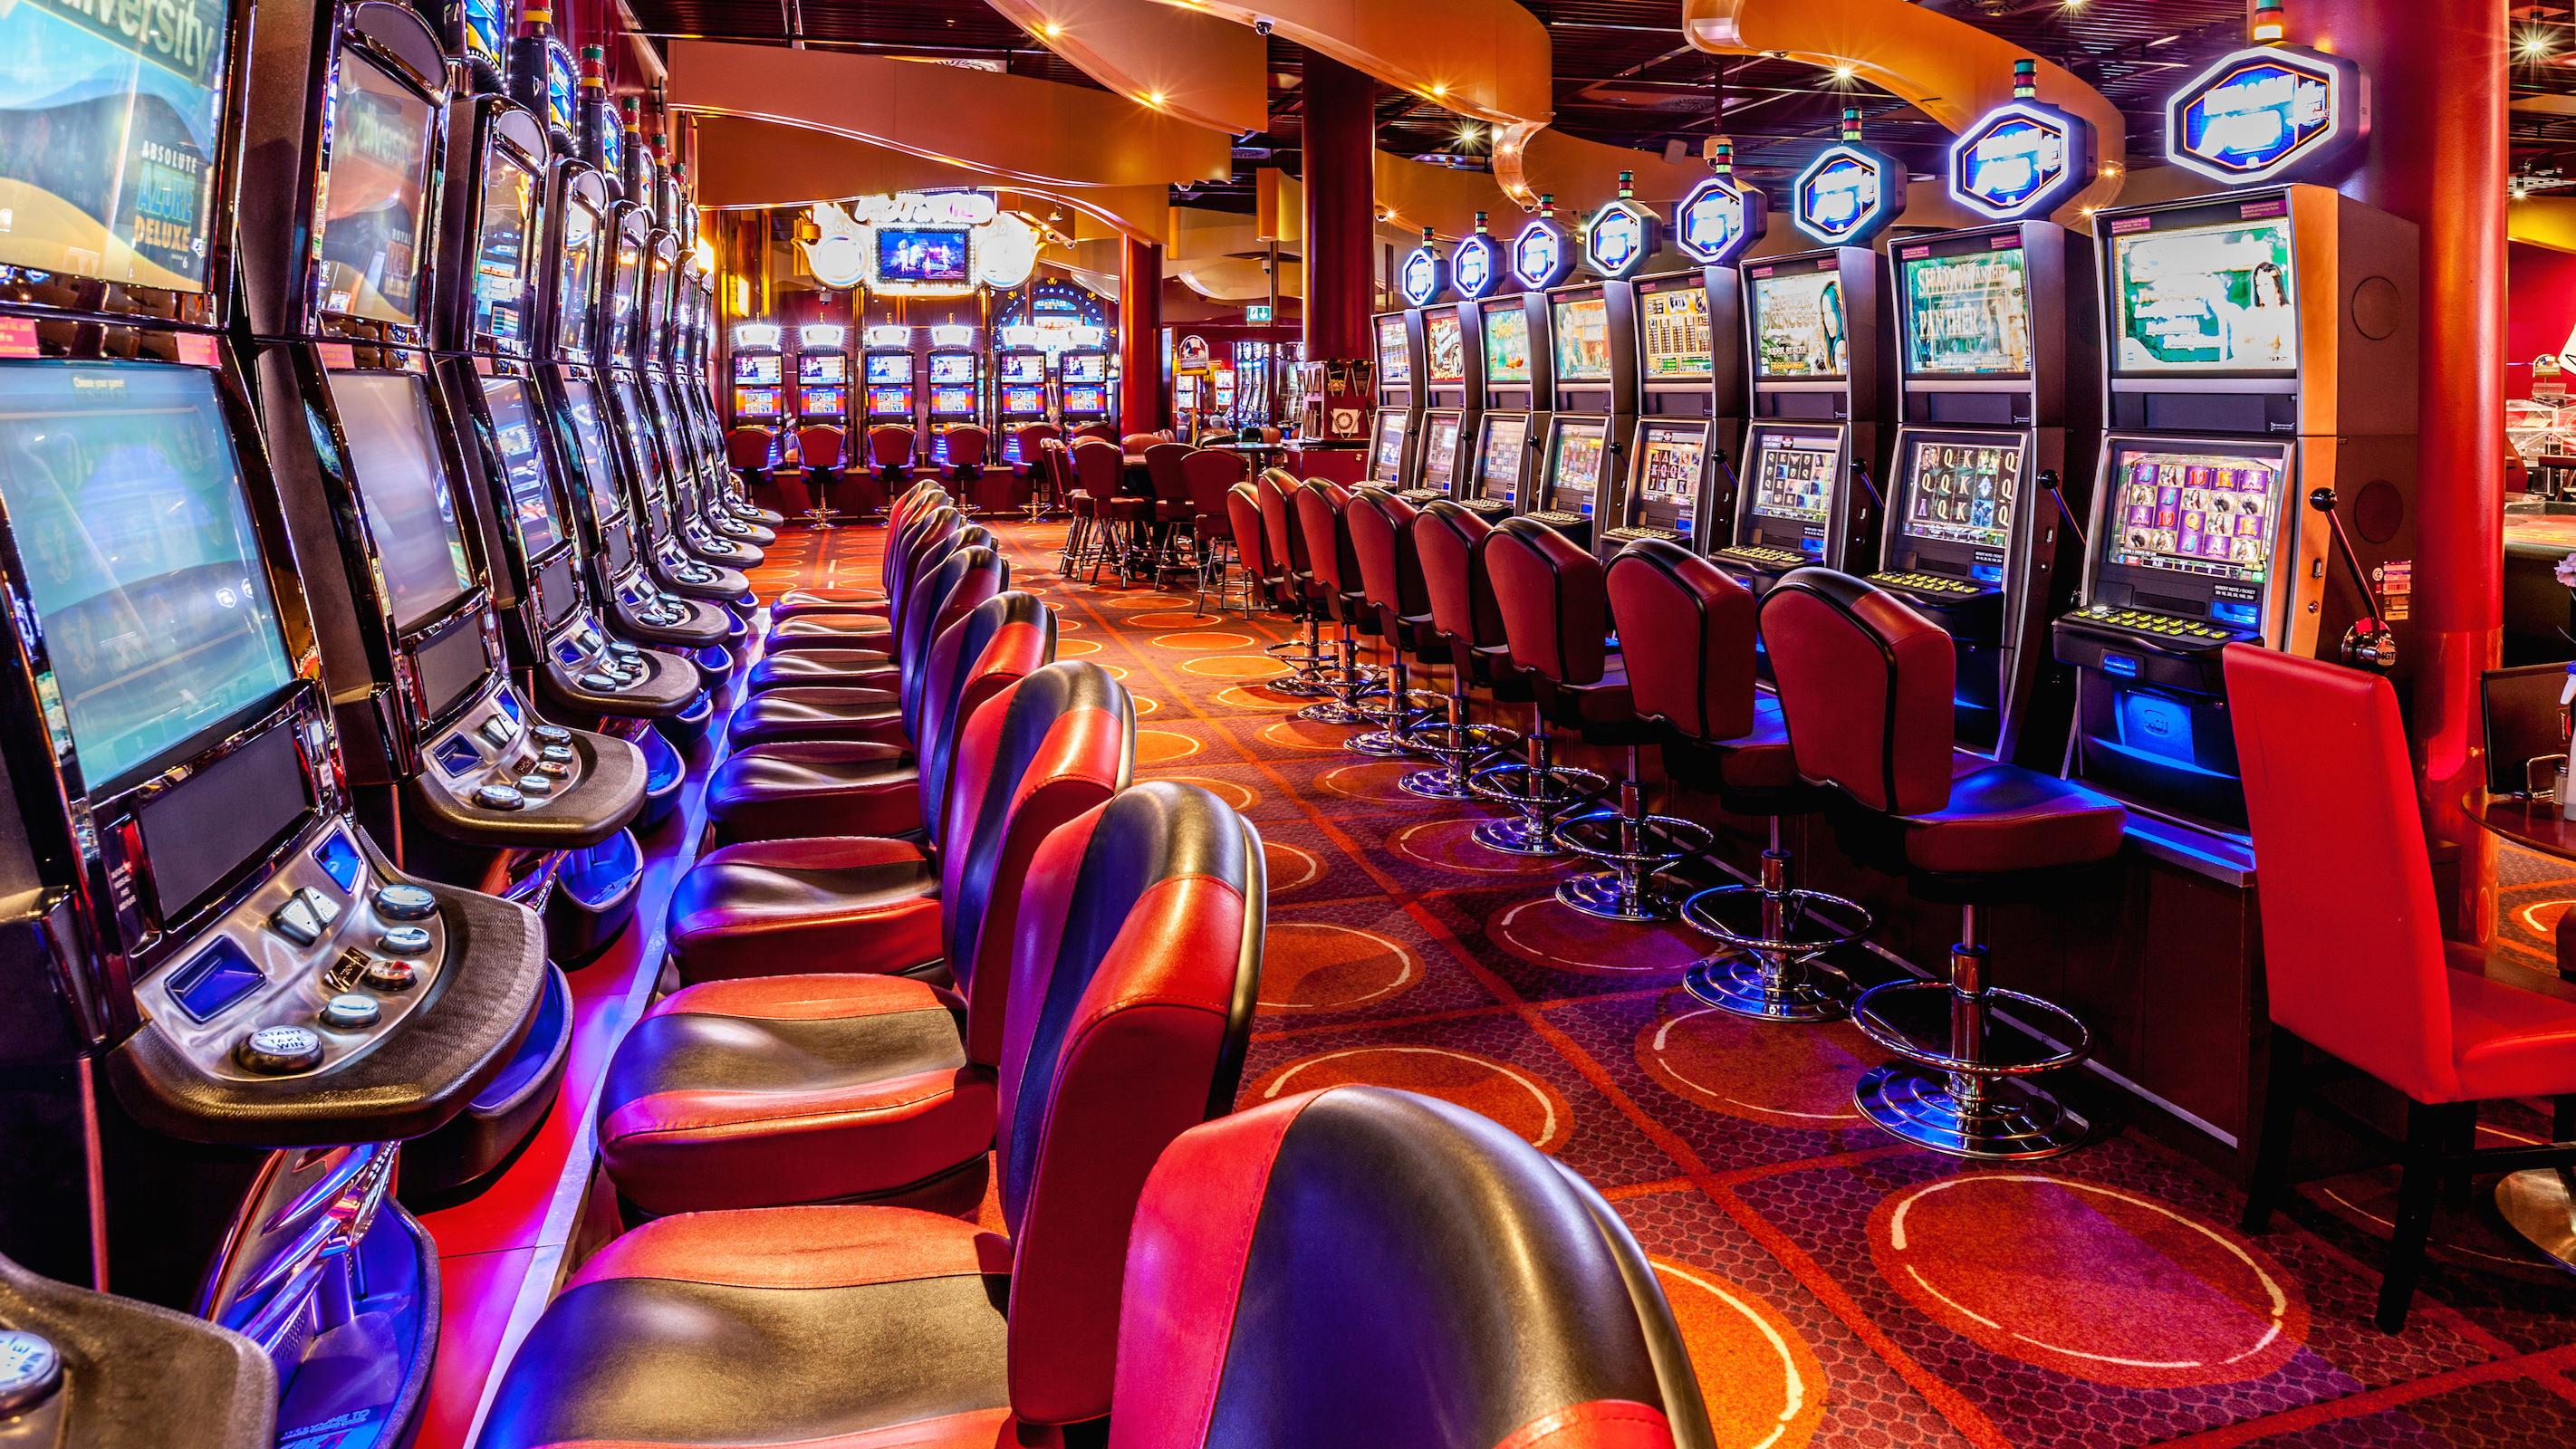 Play inn casino billings mt